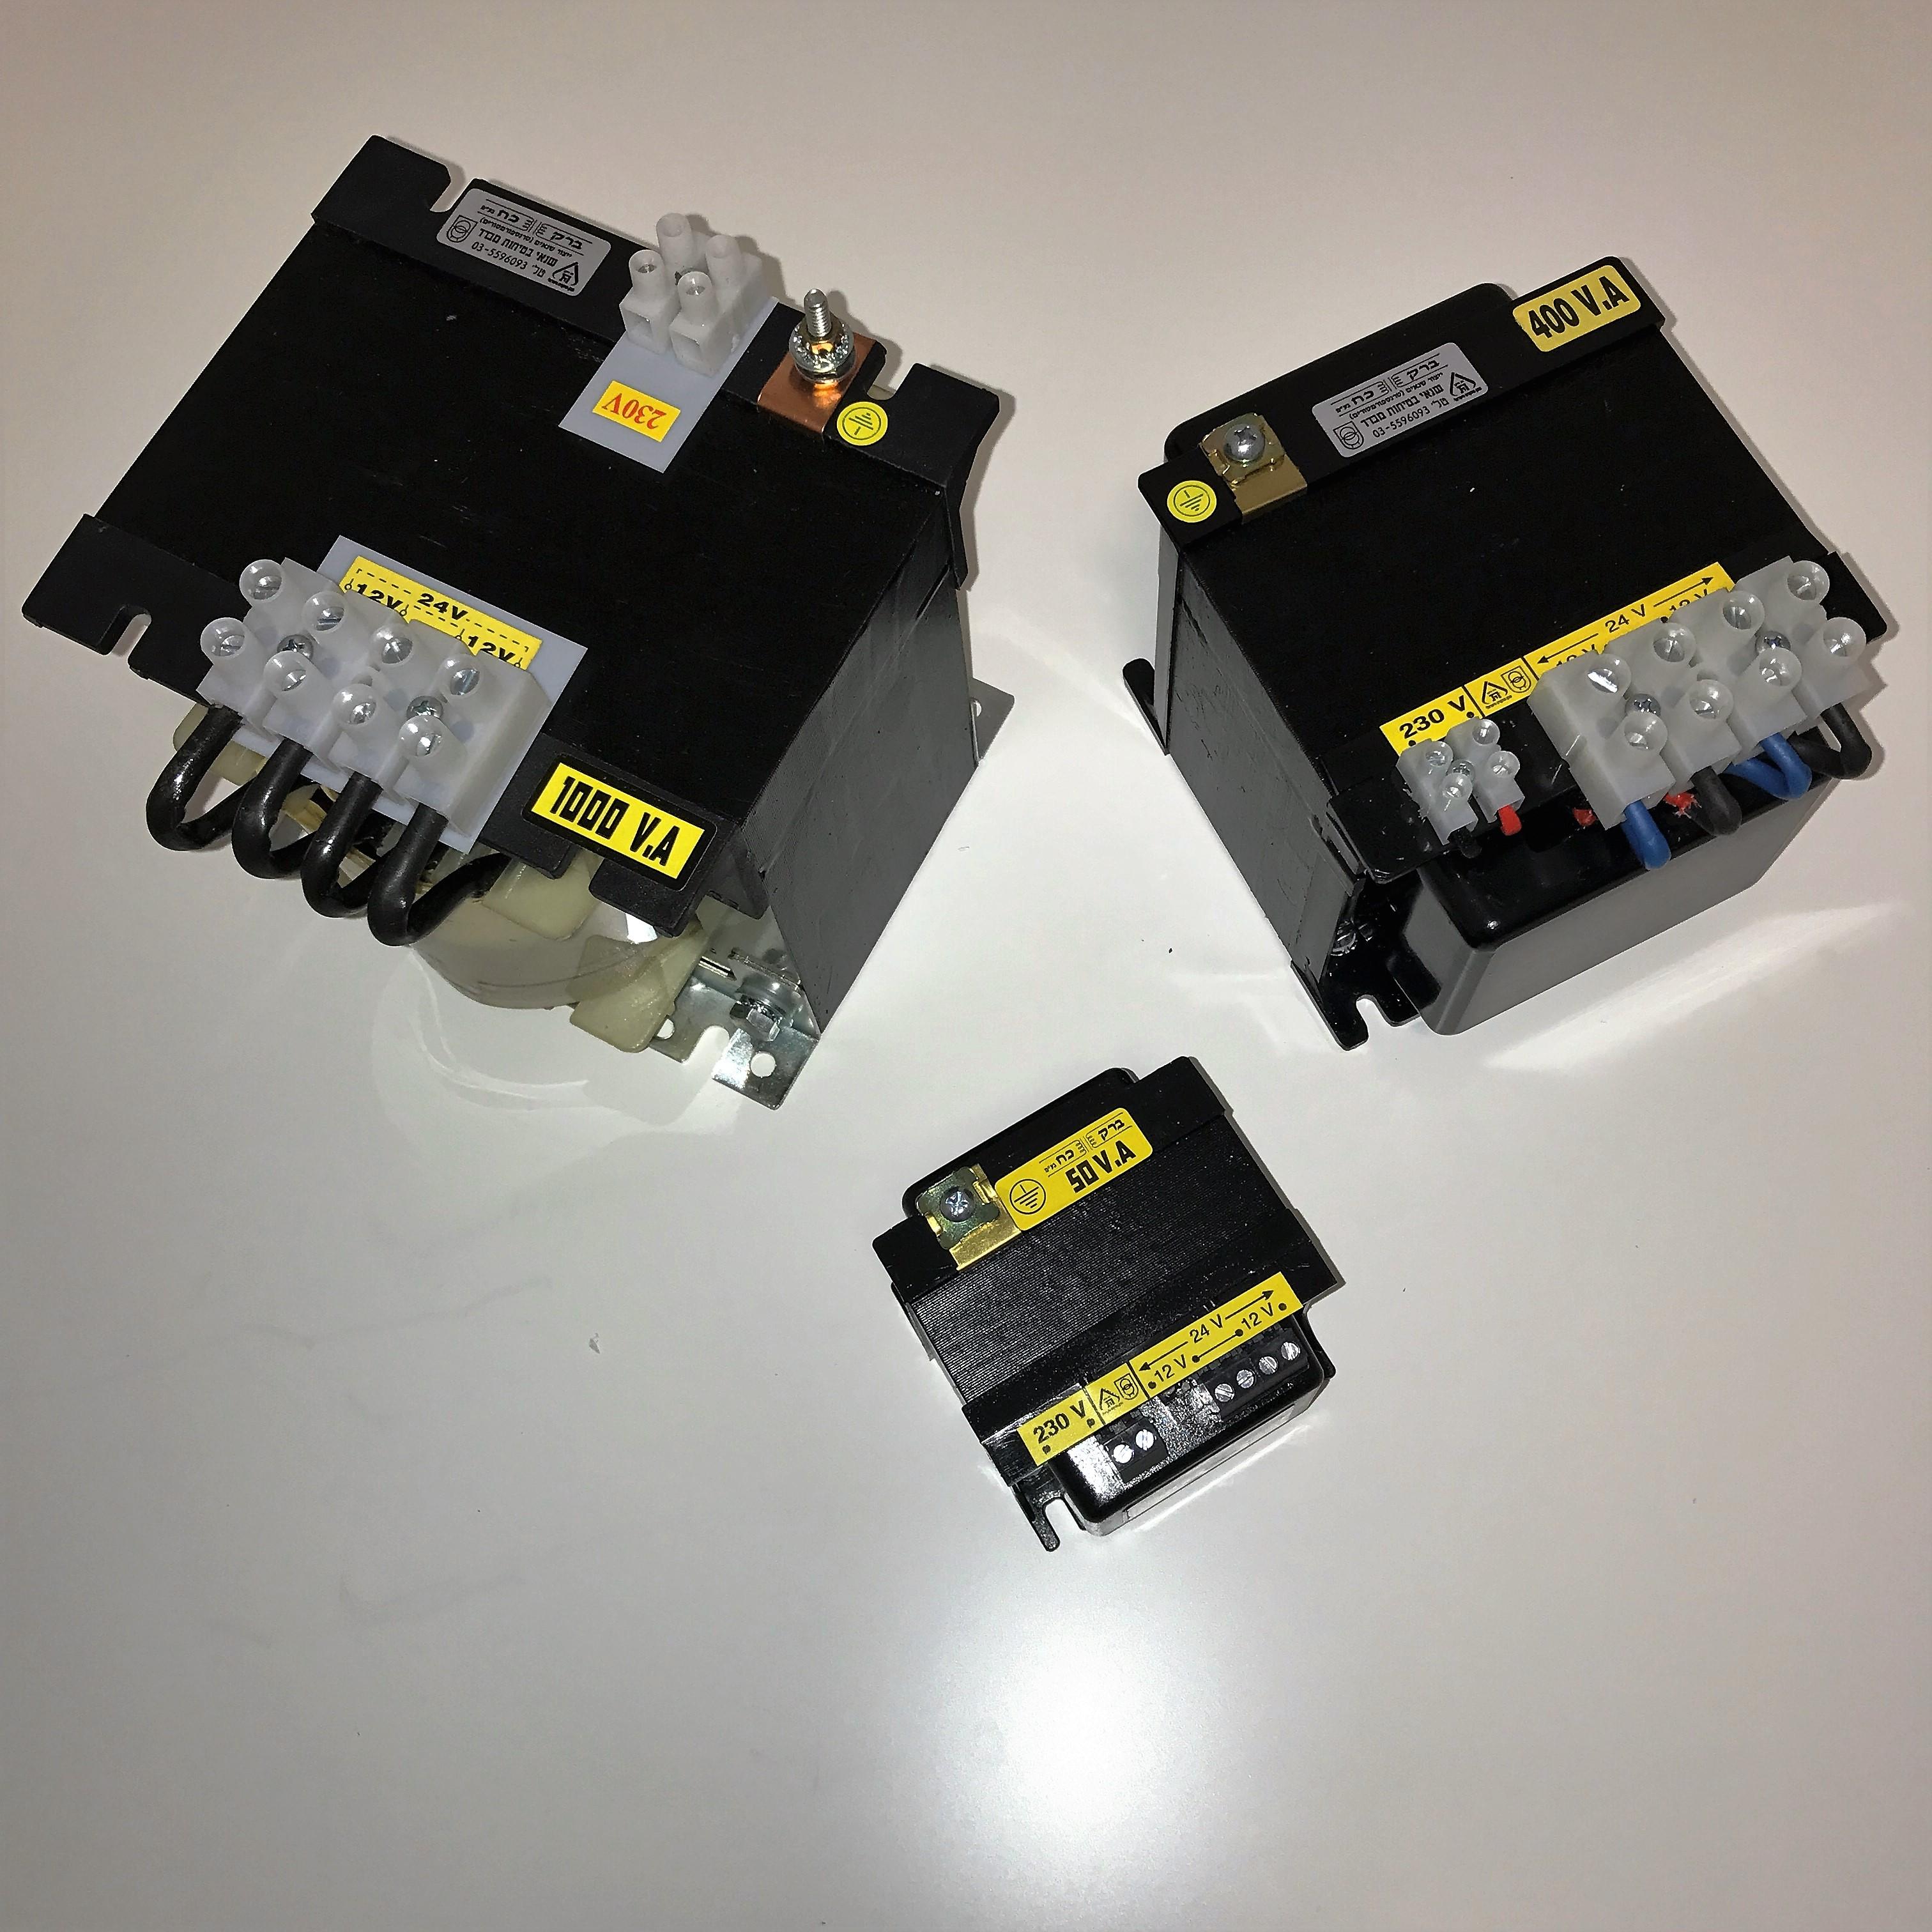 שנאי מבדל בהספק 6000VA במתחים 230V-24V